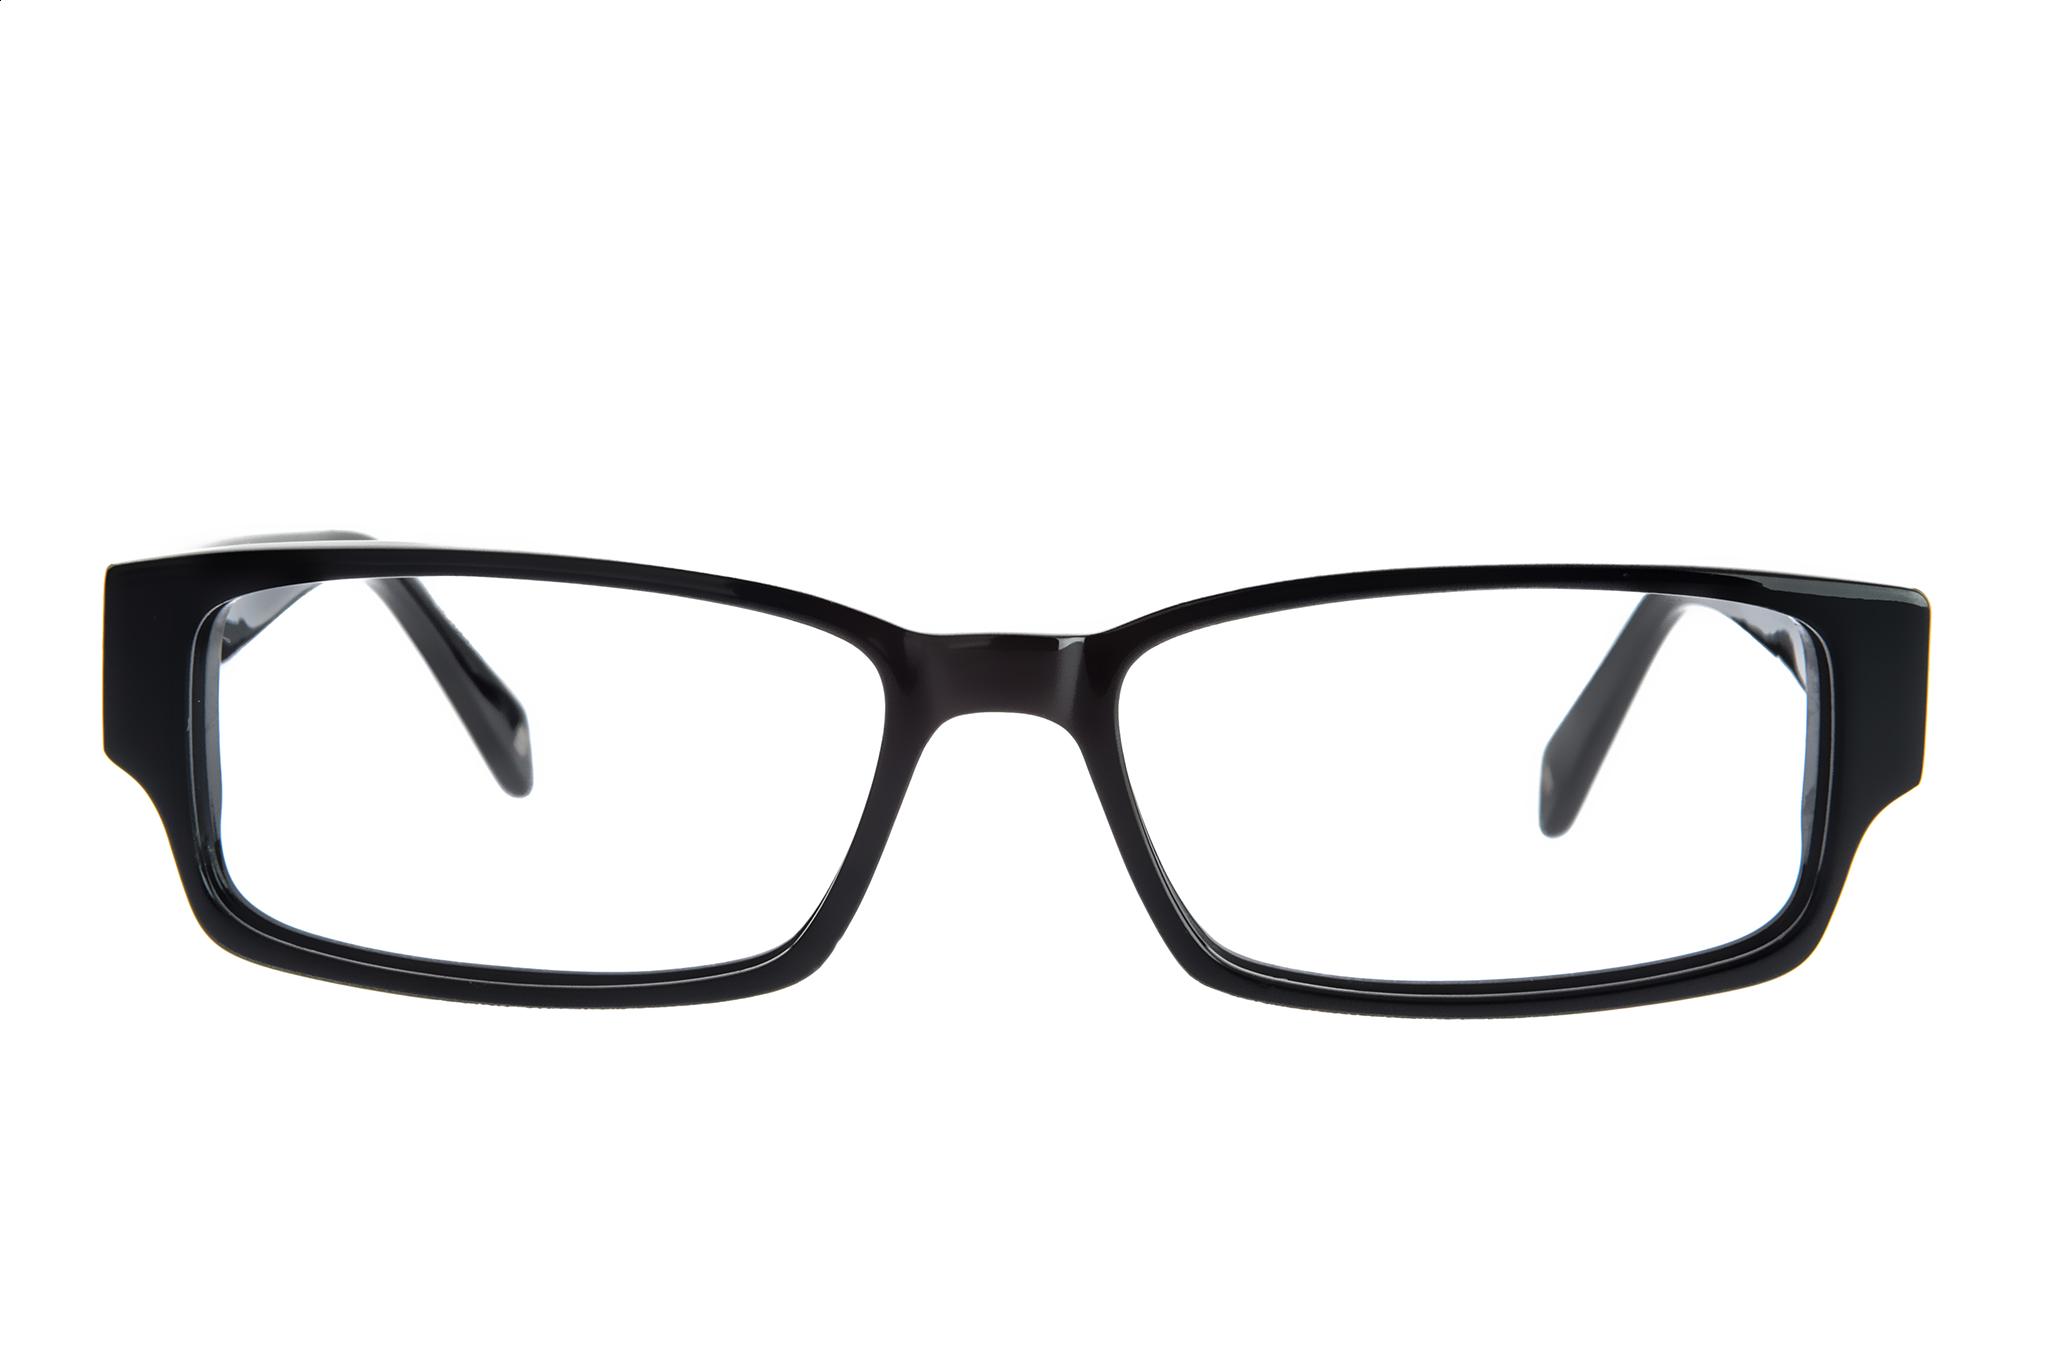 Glasses PNG - 13765